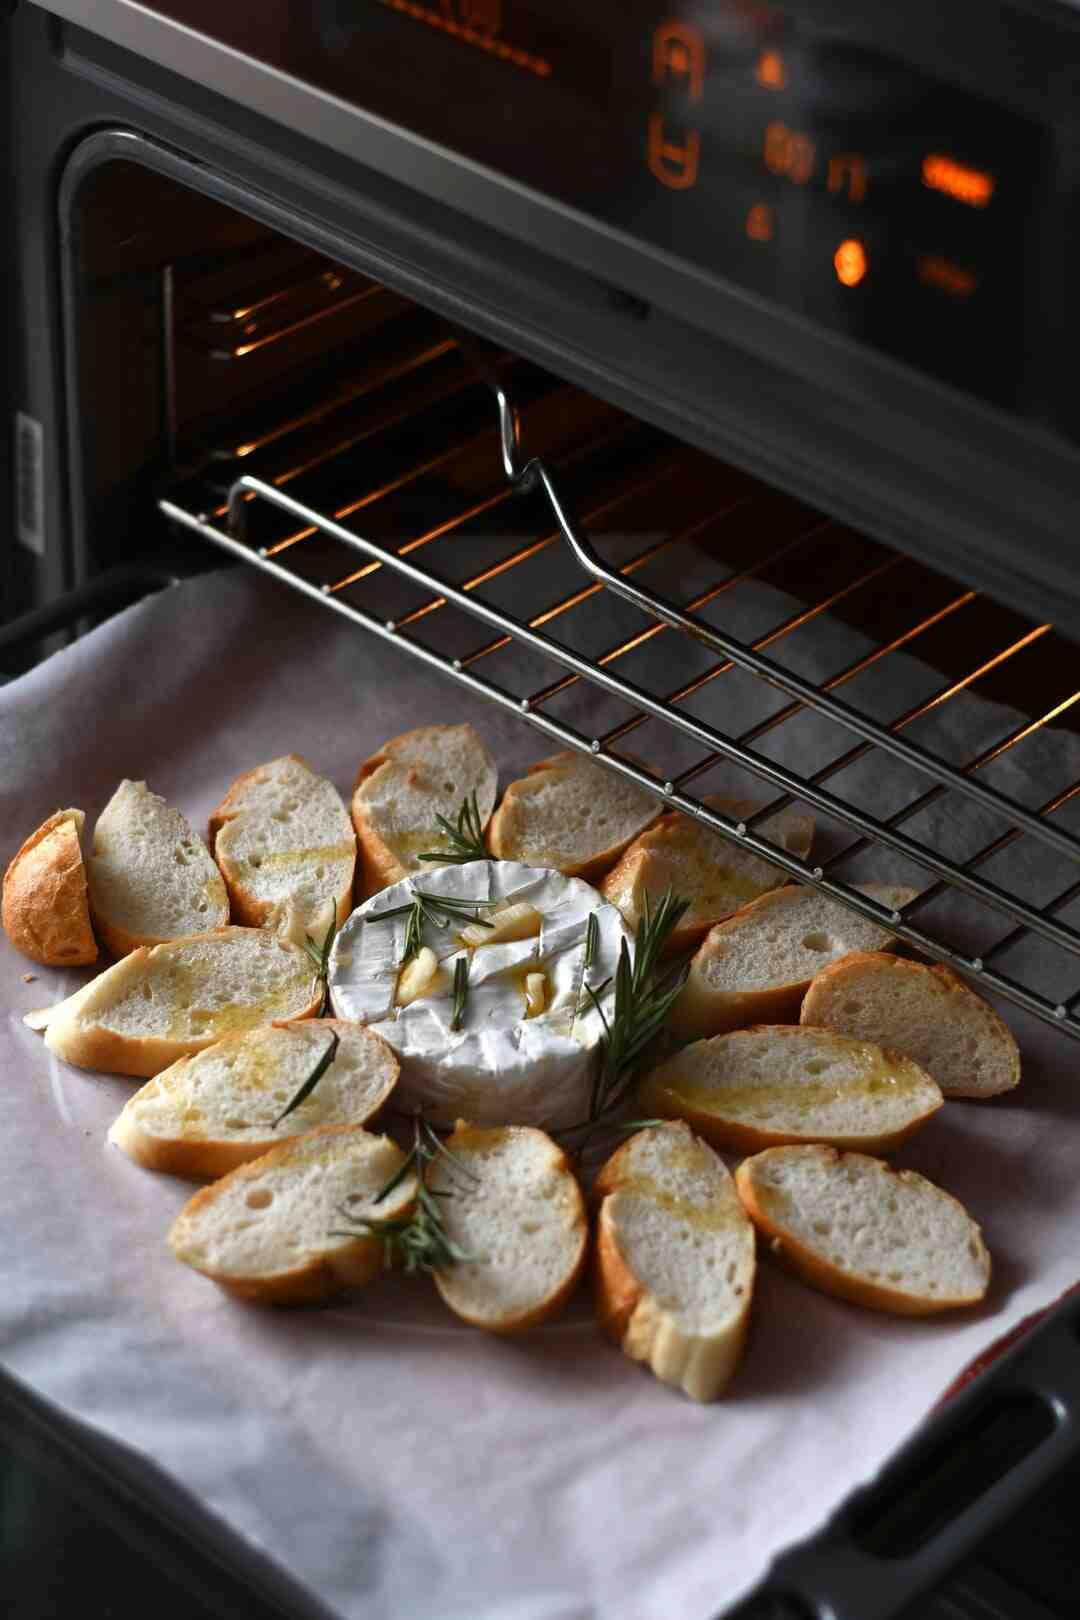 Quelle sorte de patate pour Patate au four ?